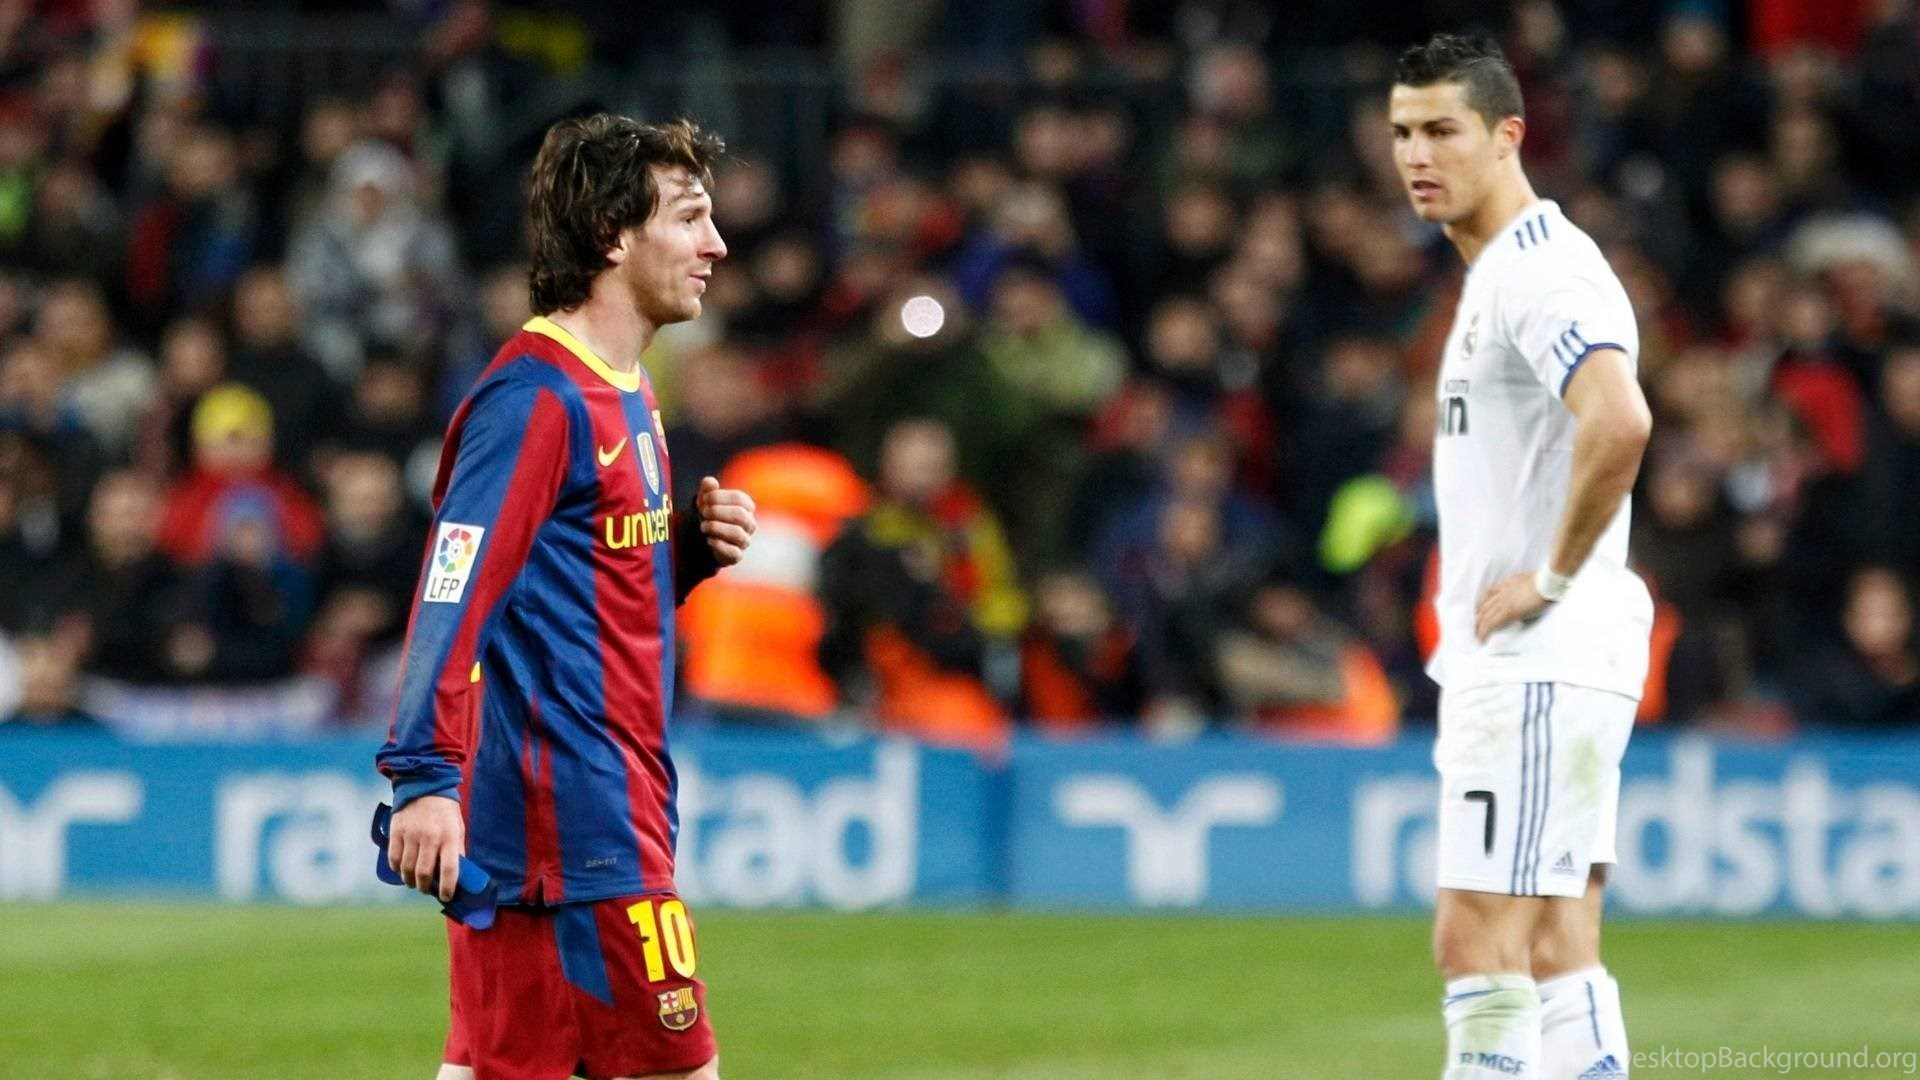 Cristiano Ronaldo Vs Lionel Messi Wallpapers Desktop Background